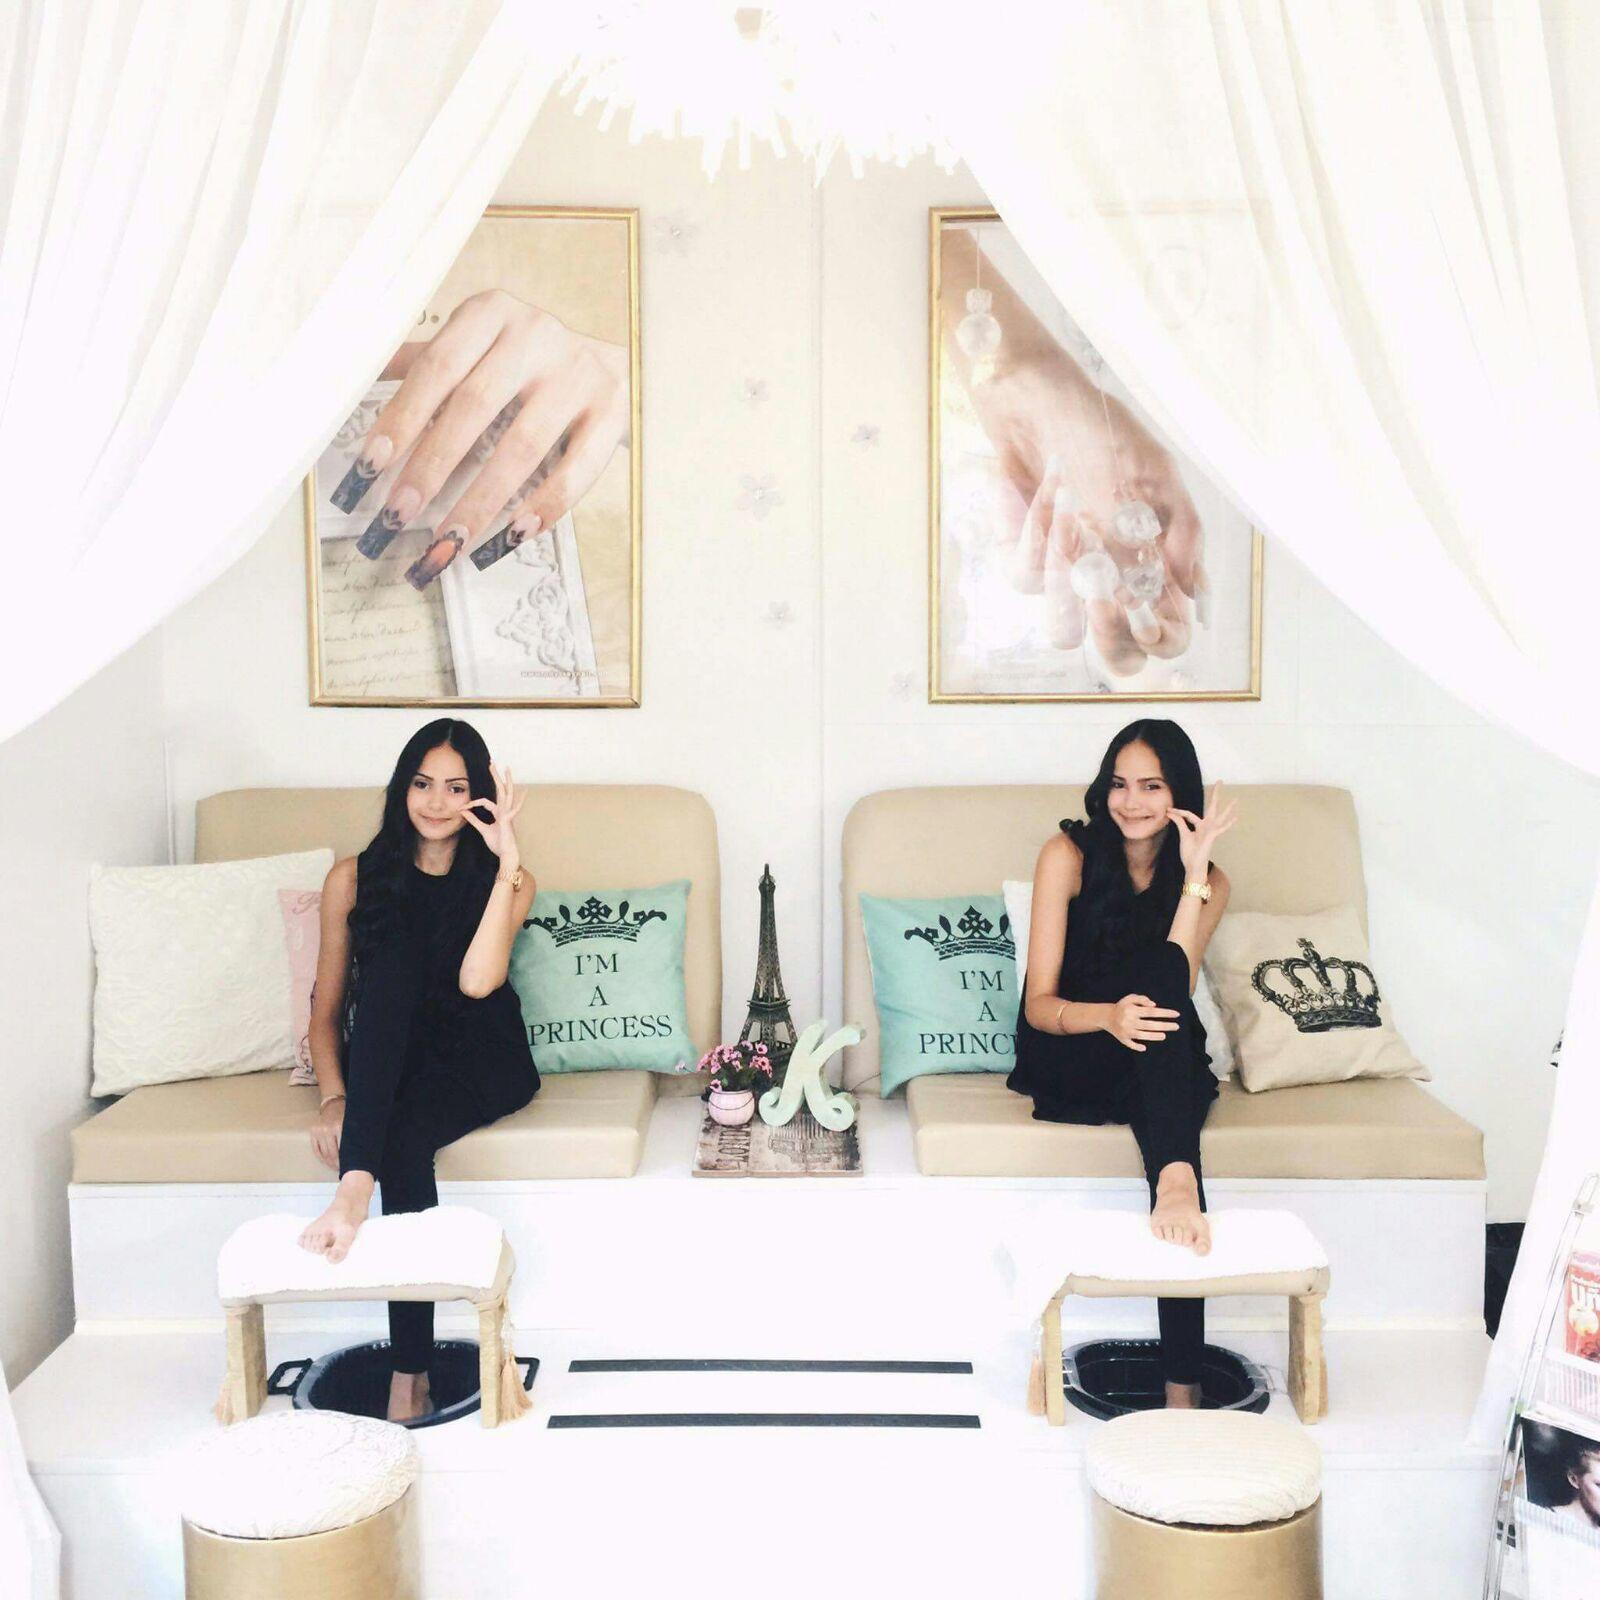 Sell Paparazzi In A Beauty Salon Nail Salon: Nail Salon In 2019